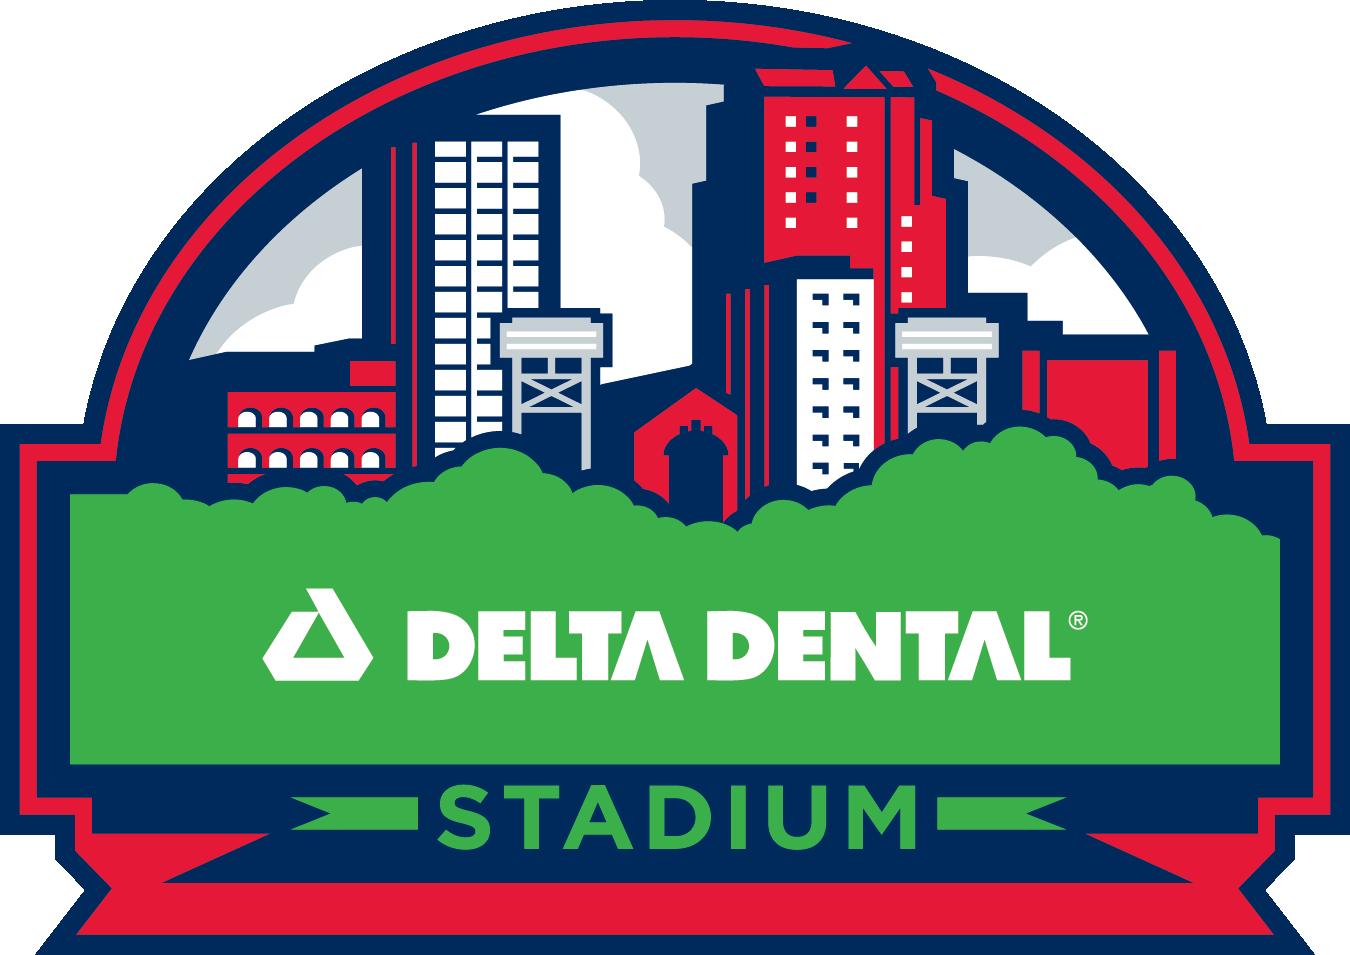 Delta Dental Stadium